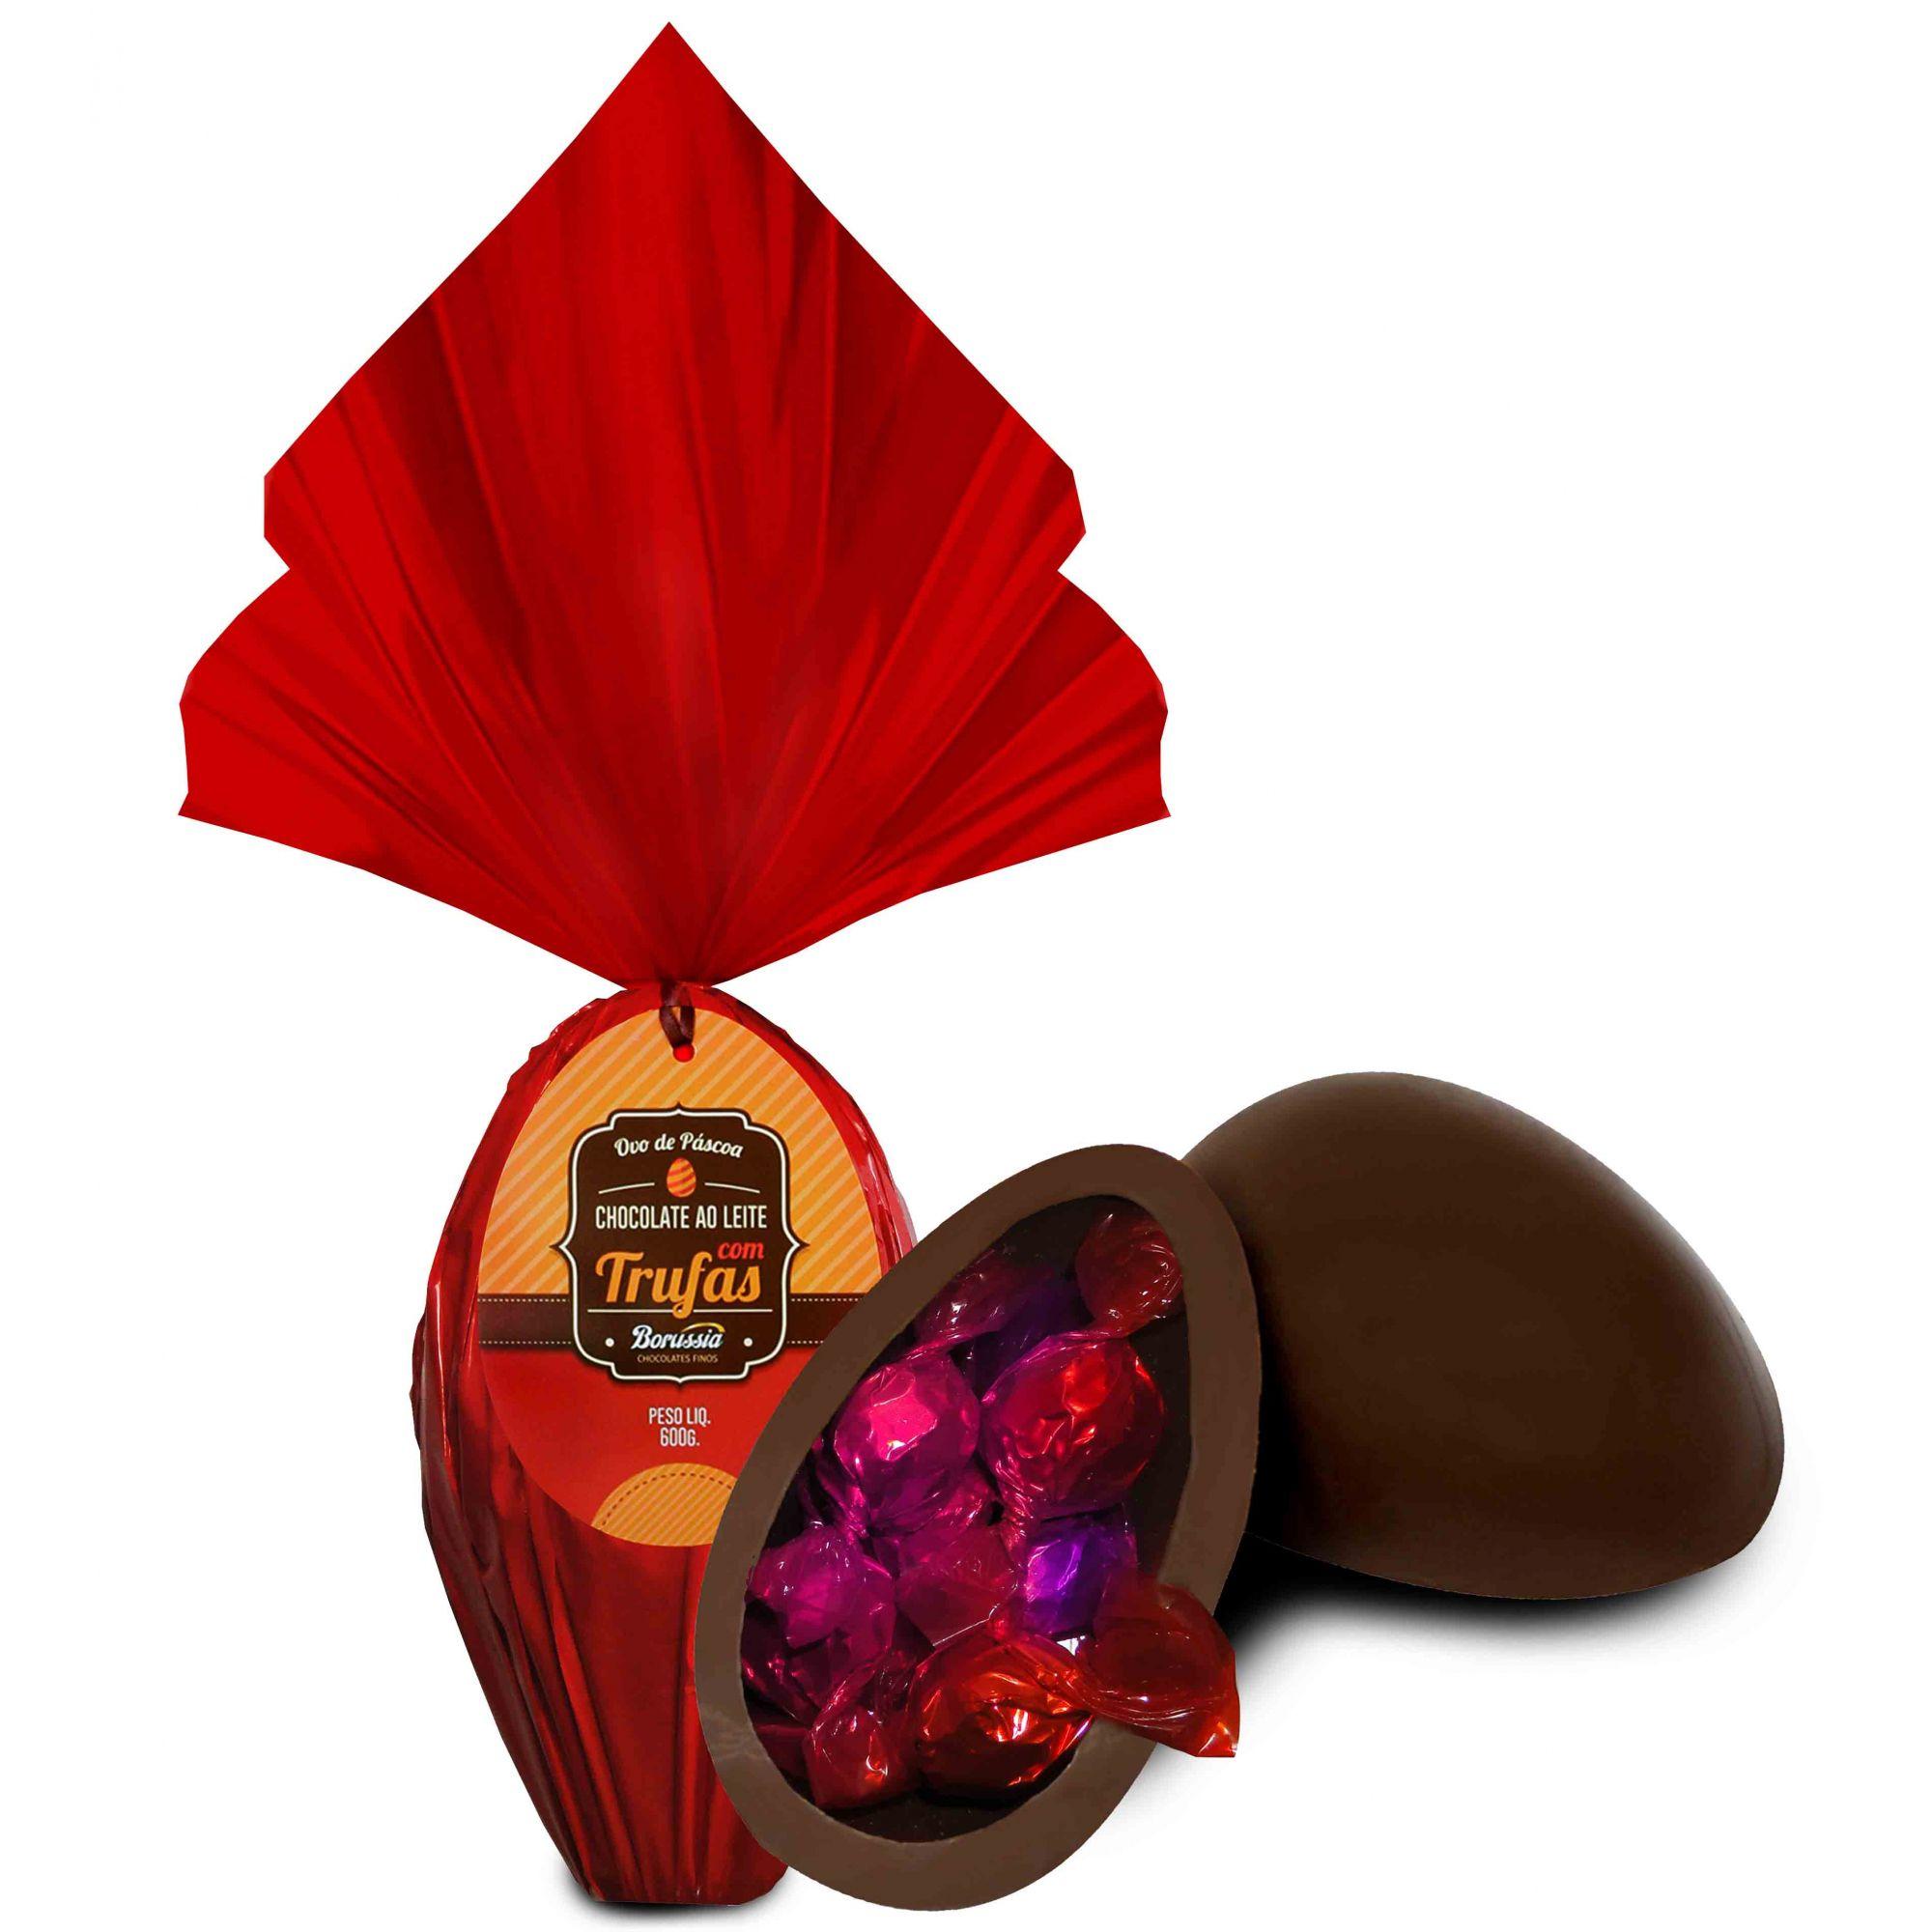 Kit Ovo de Páscoa Ao Leite com Trufas 600g Borússia Chocolates